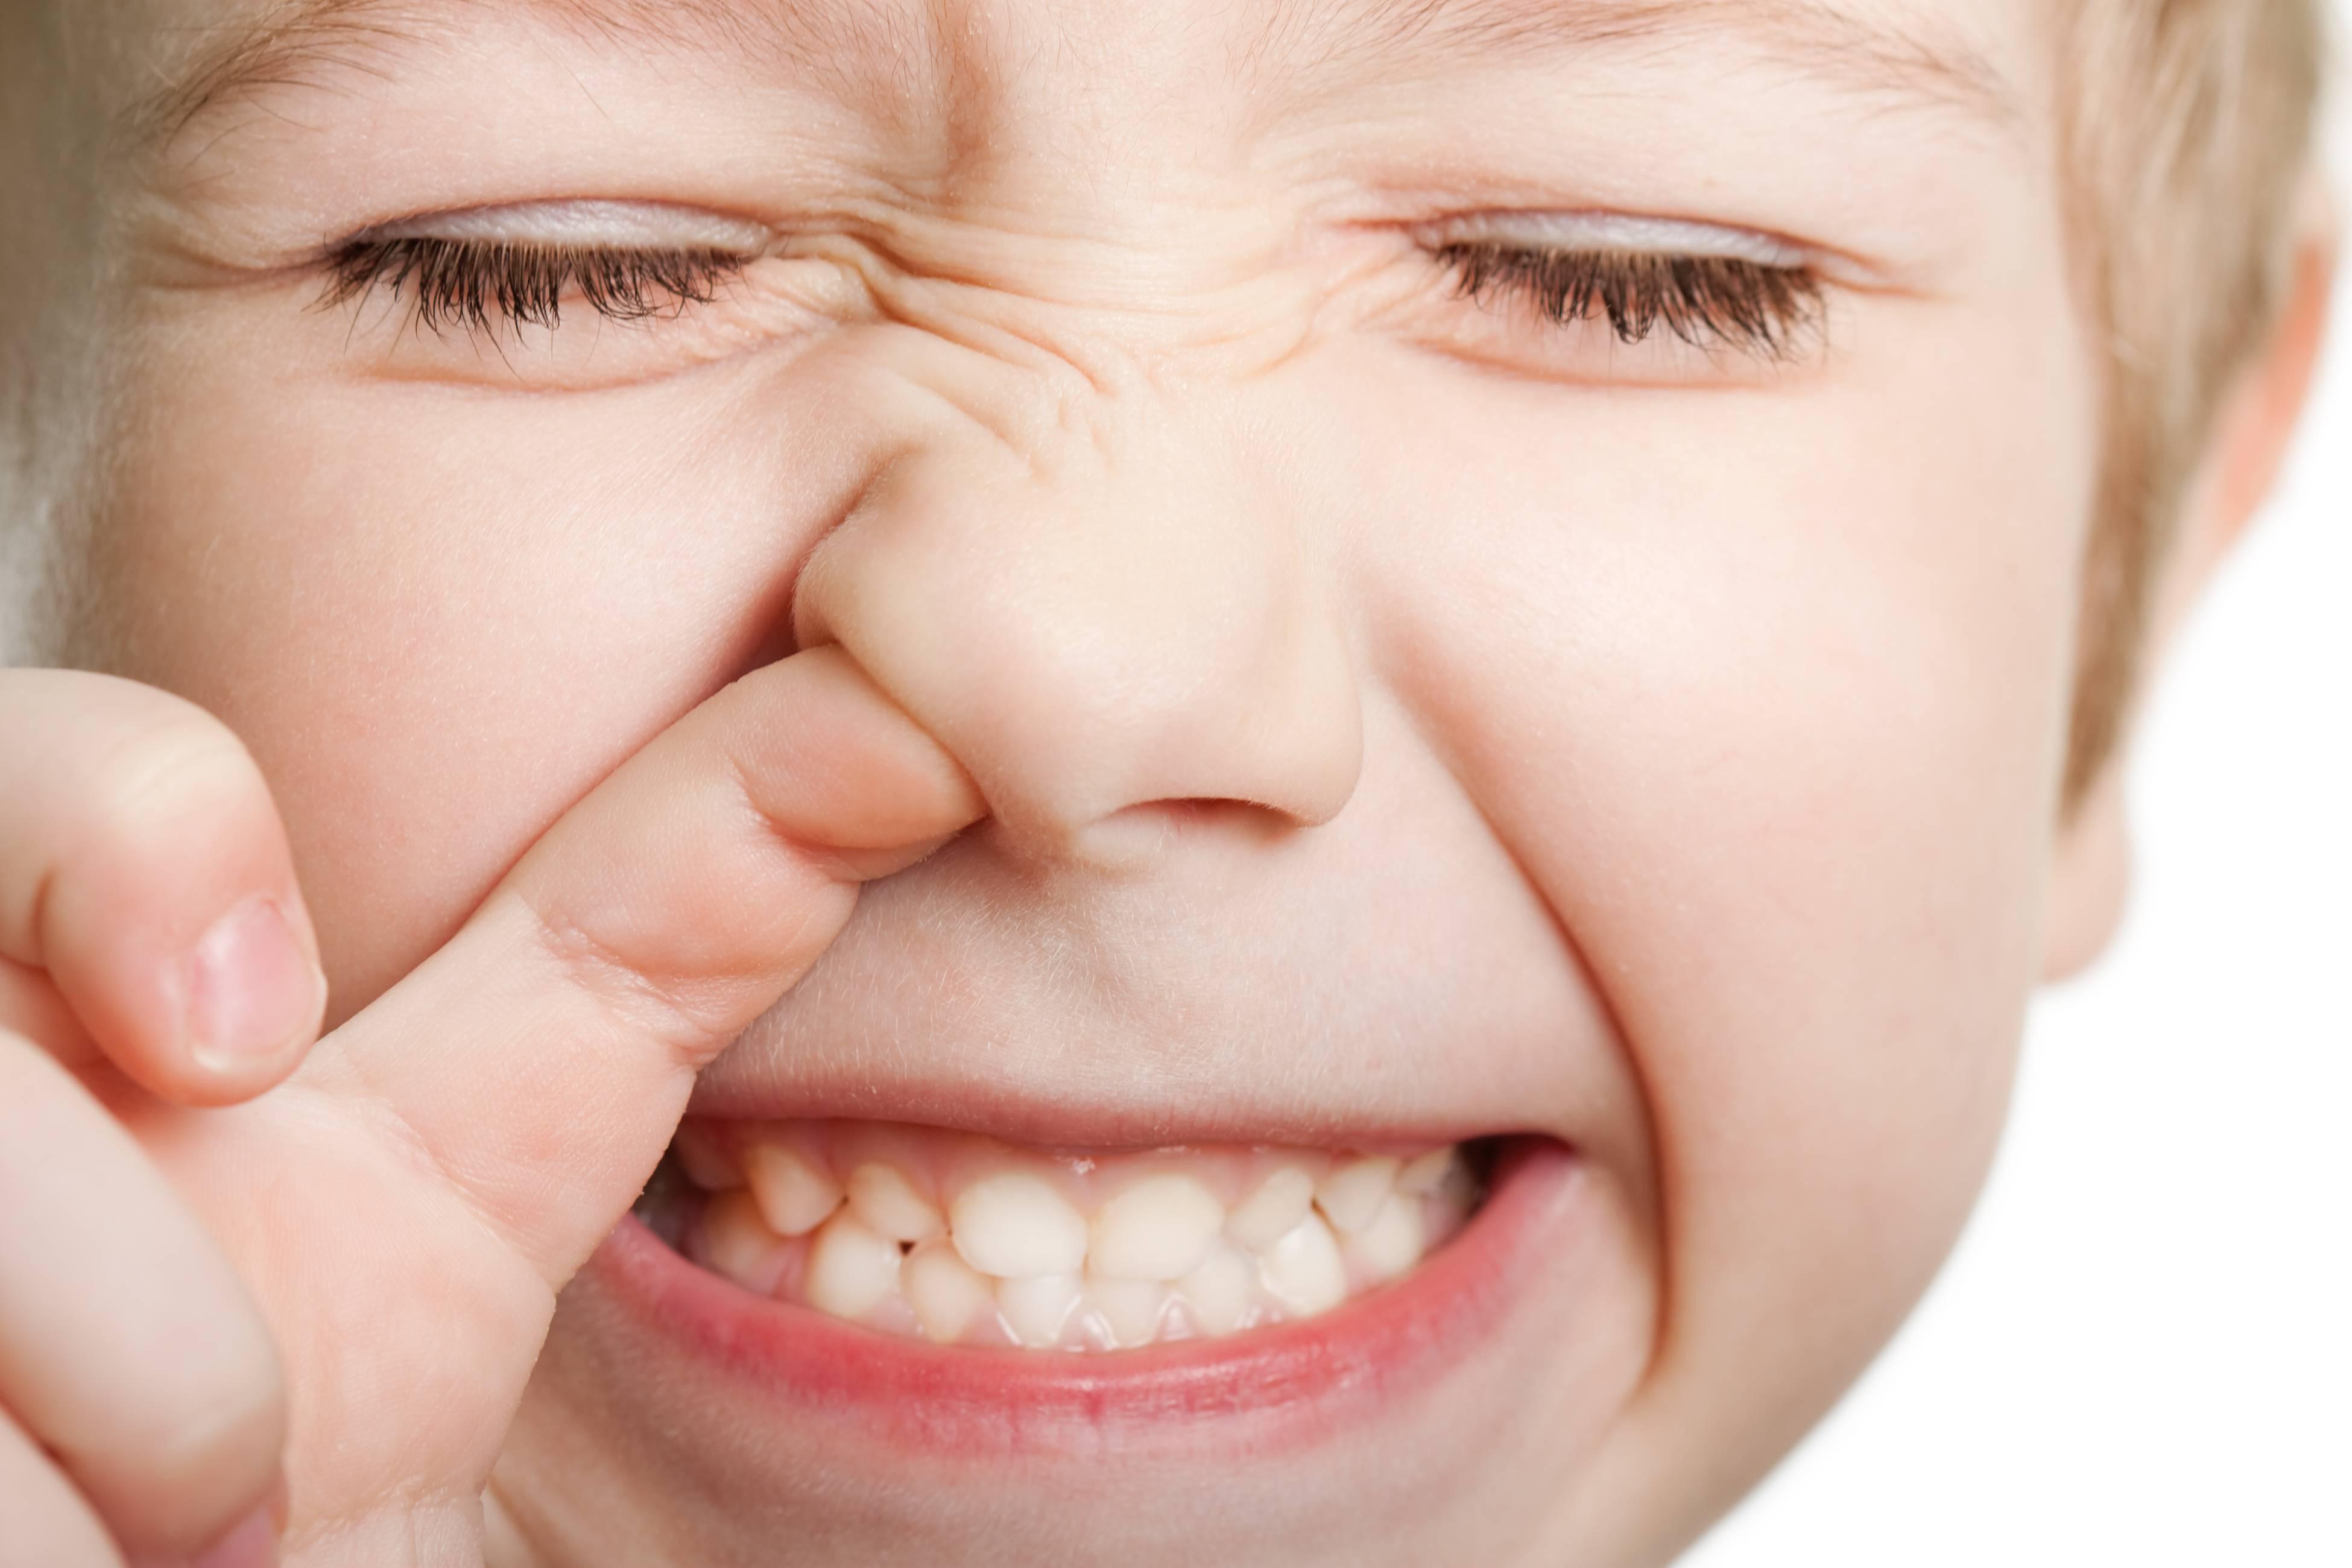 У ребенка постоянно открыт рот: почему это происходит и по какой причине малыш не закрывает его?